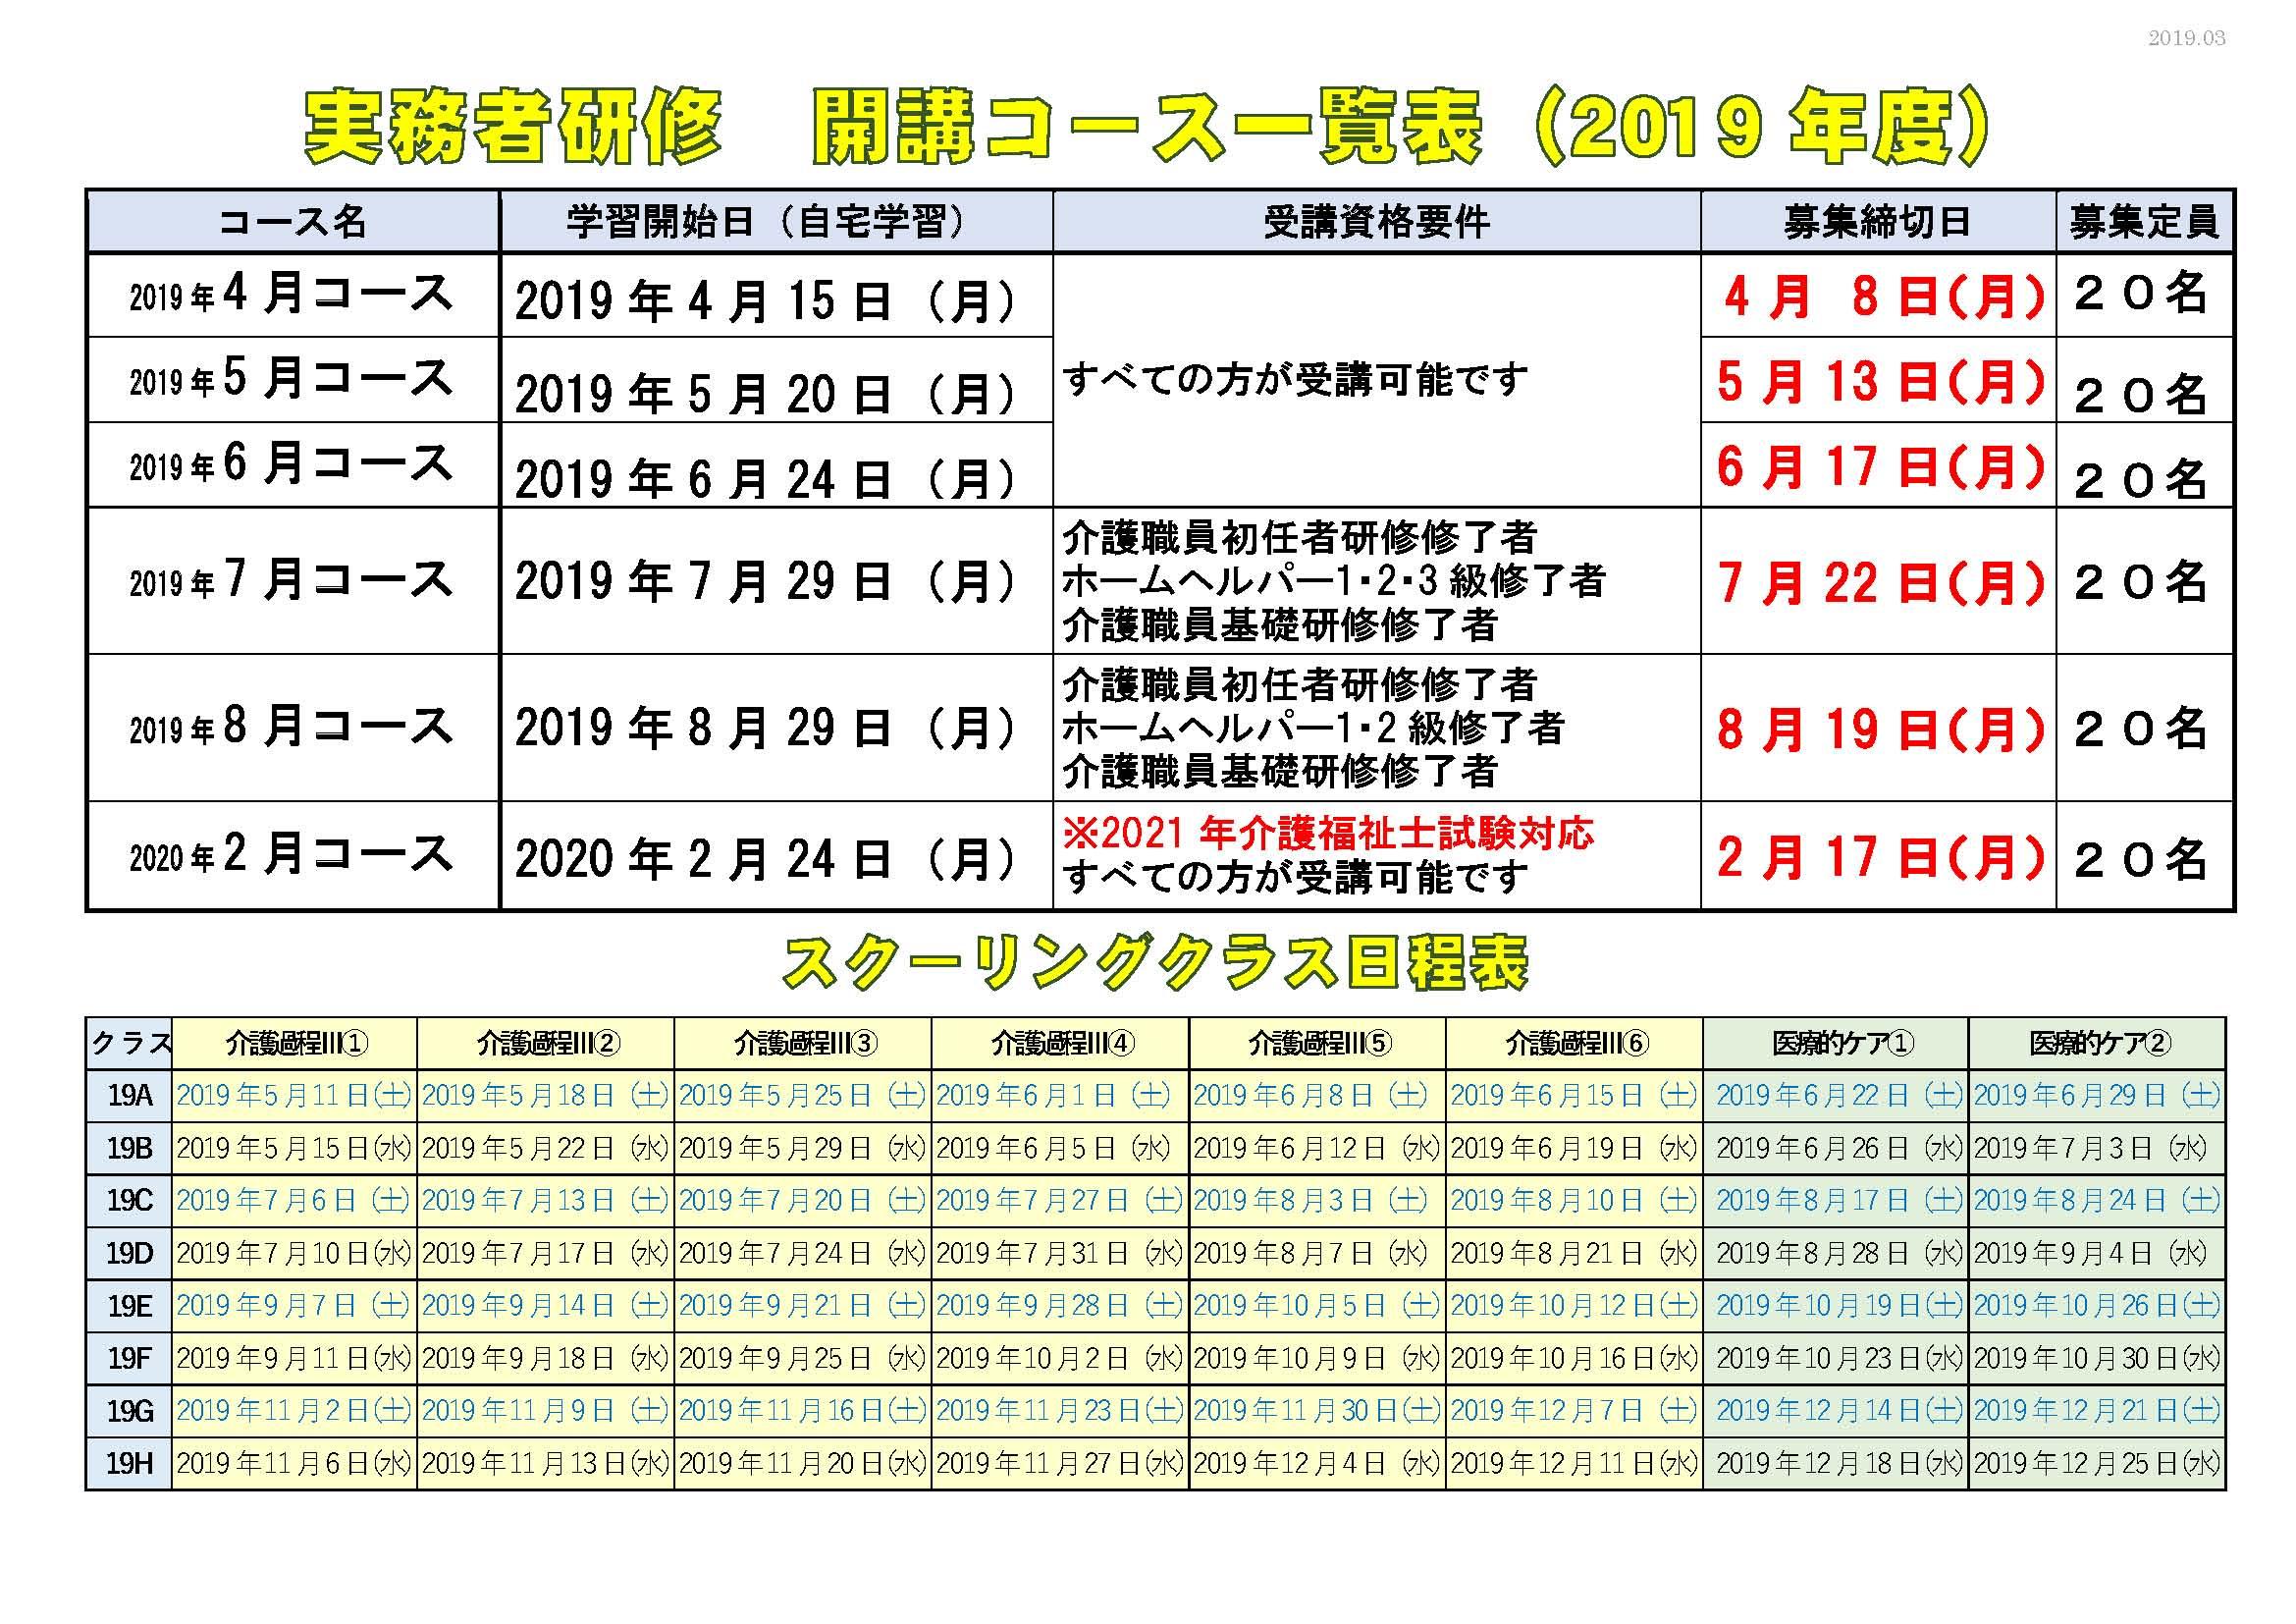 実務者総合チラシ2019年年間スケジュール版-2_ページ_3